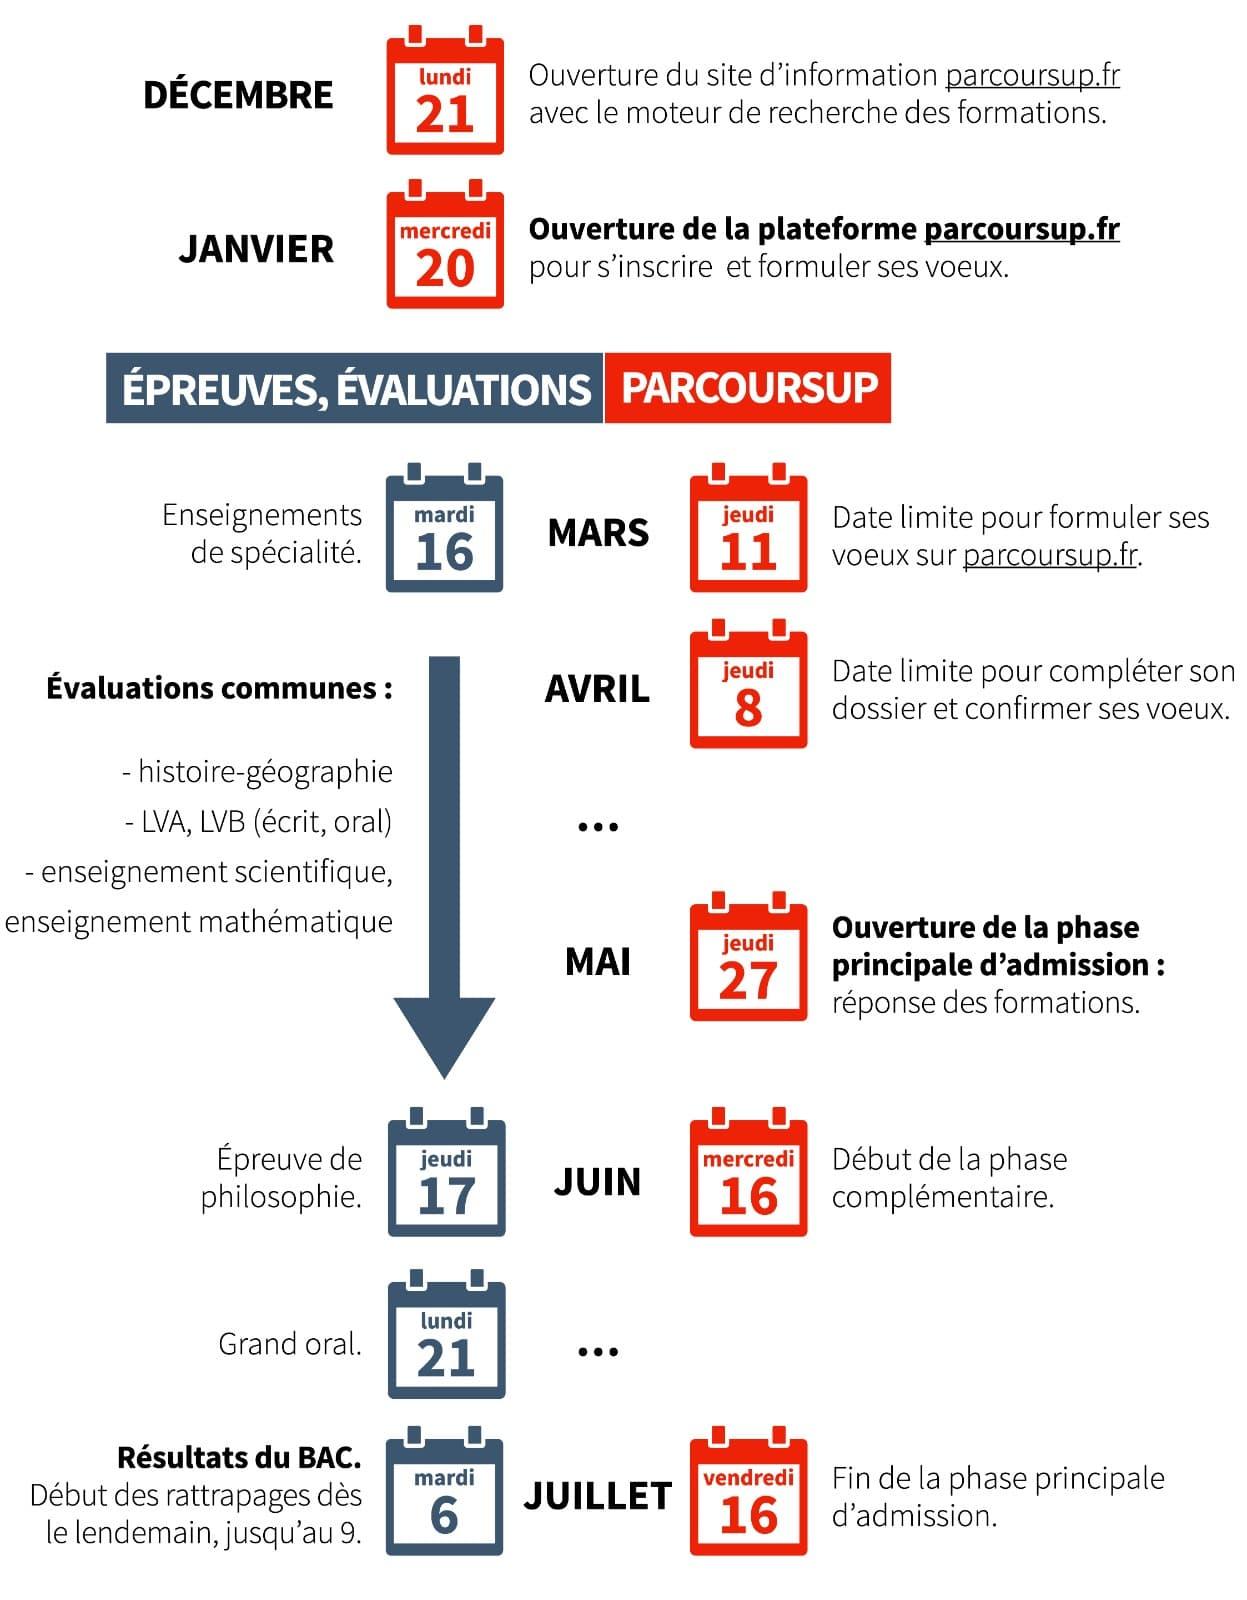 Parcoursup Calendrier 2021 Bac, Parcoursup: voici le calendrier de l'année 2020 2021